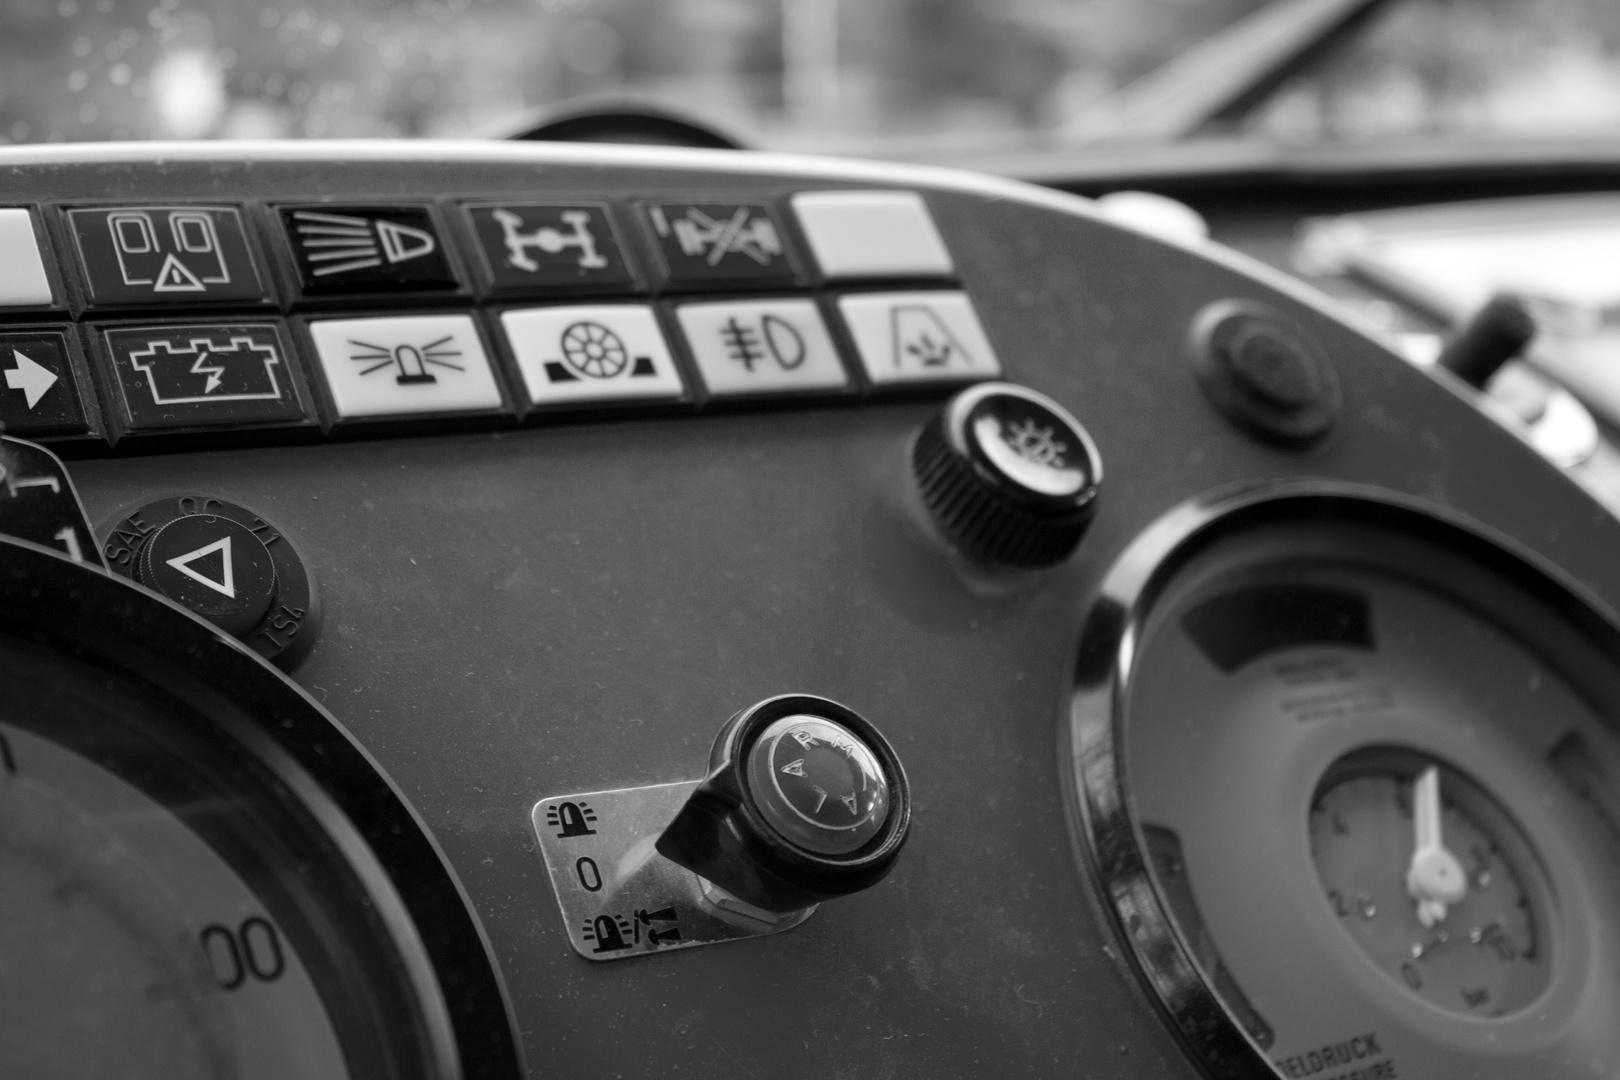 Der Knopf